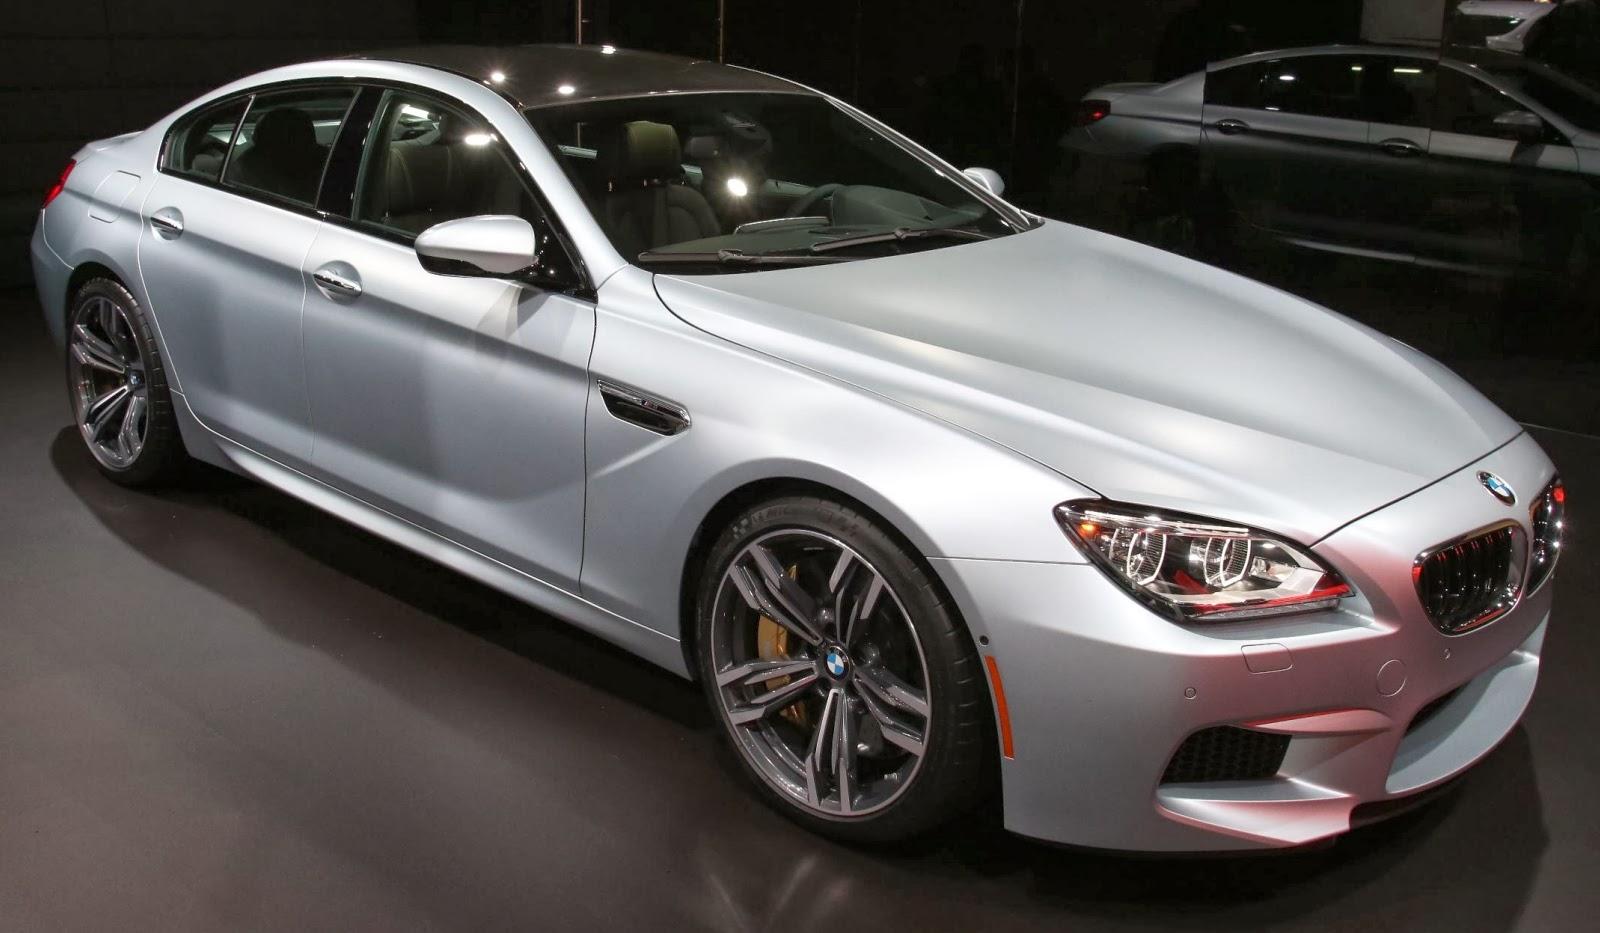 BMW CAR SEDAN - Bmw 2013 models